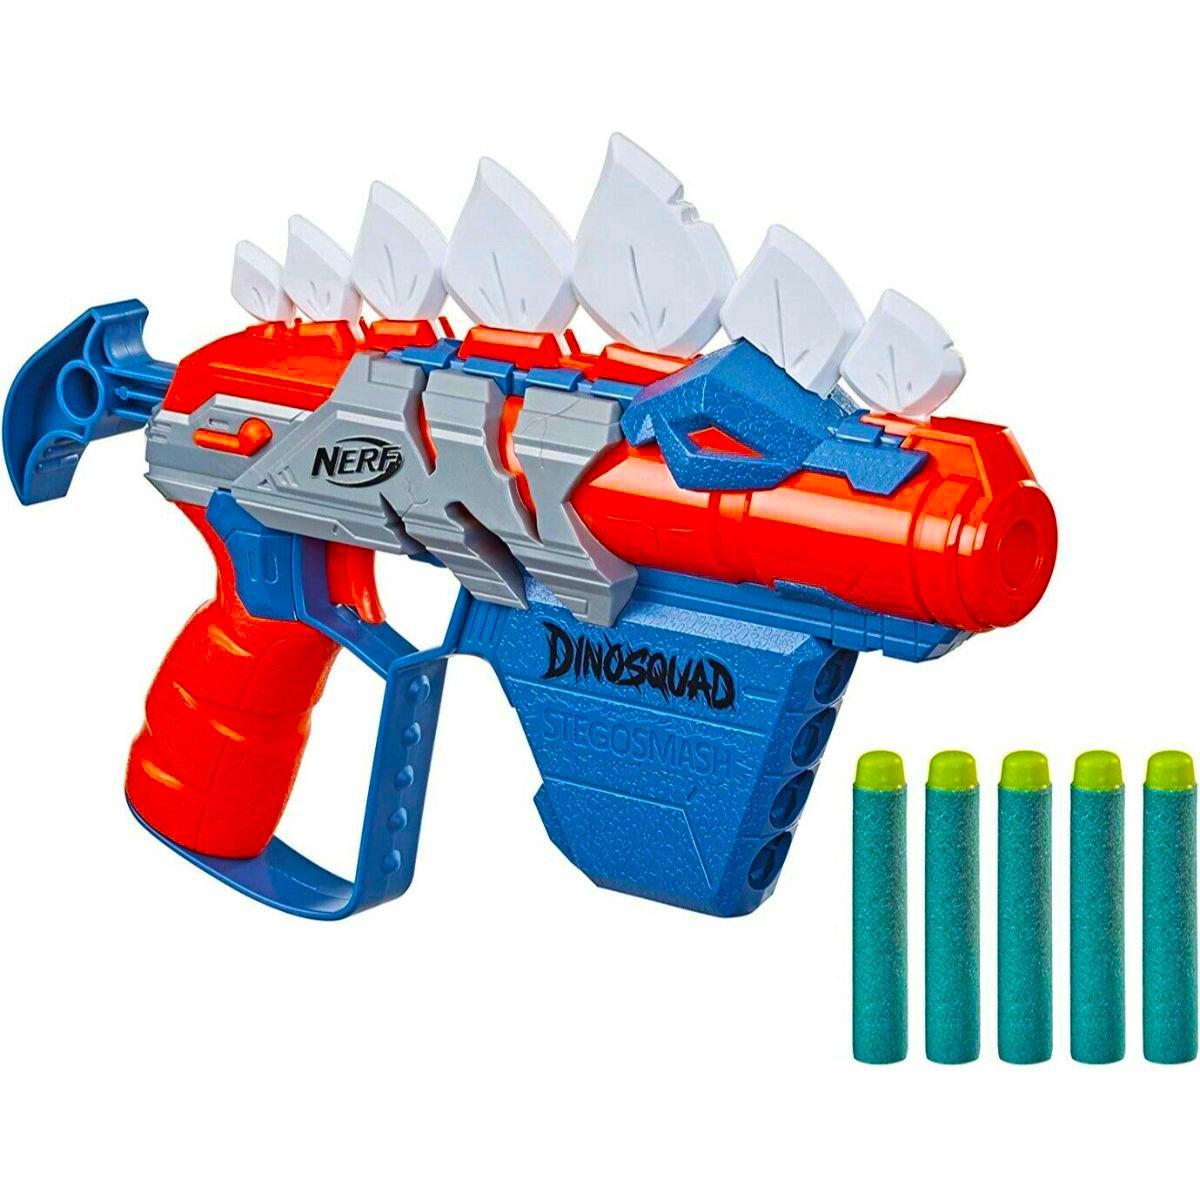 Blaster Nerf, Stegosmash